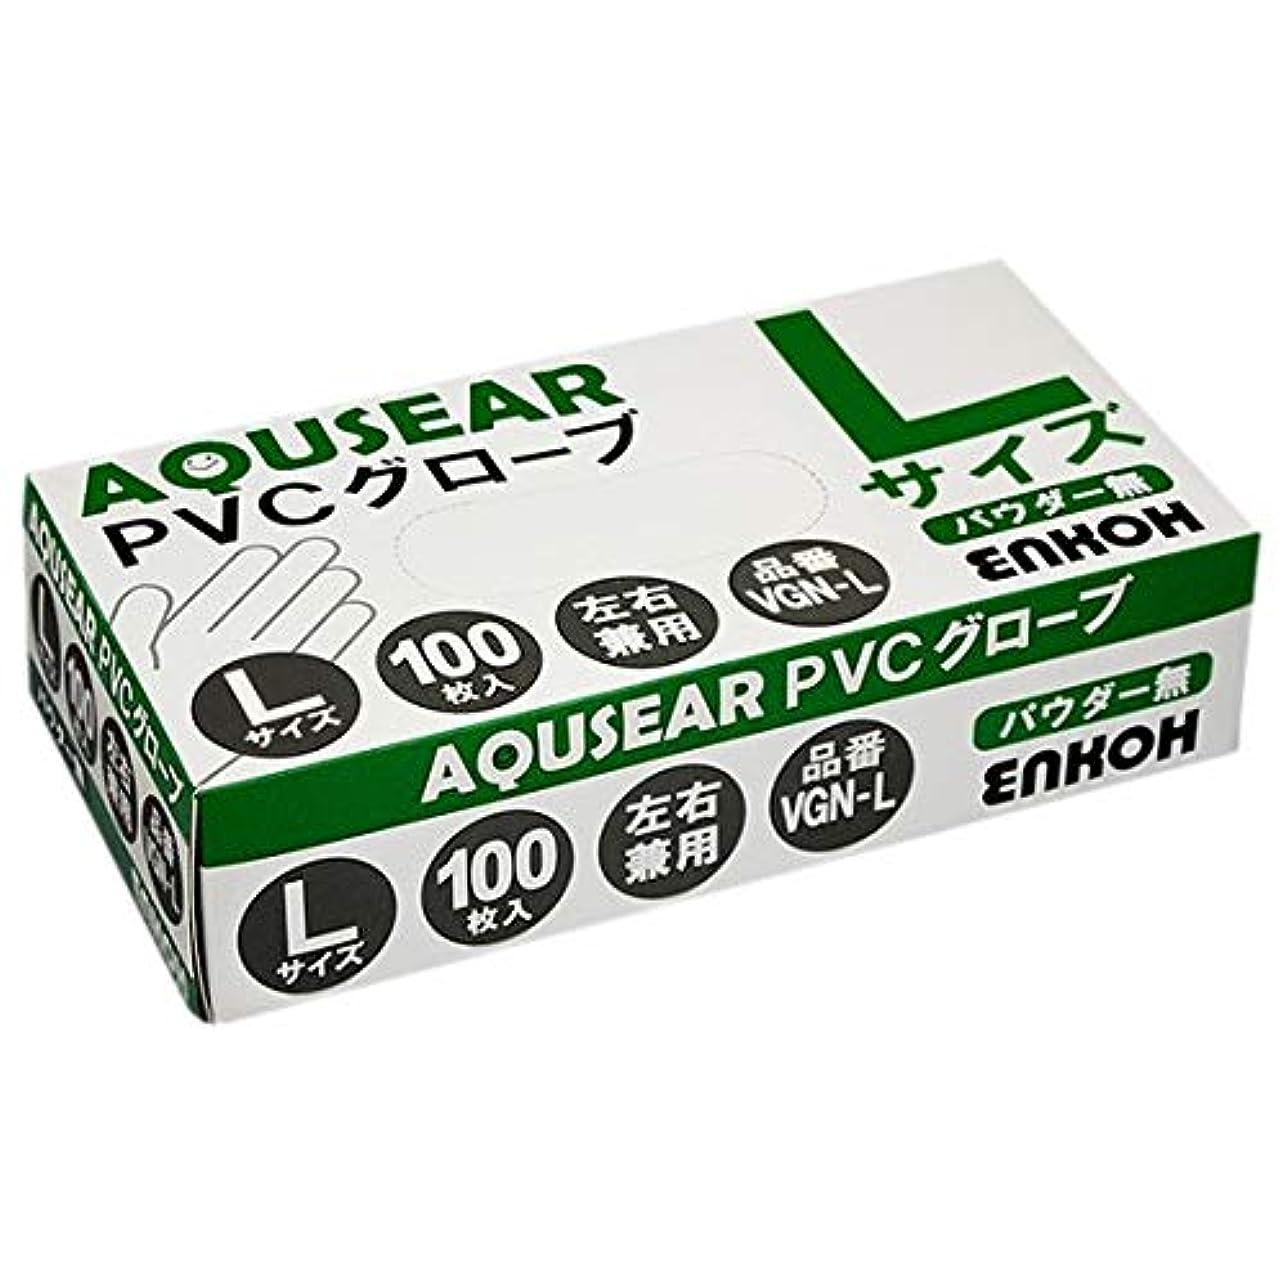 リス羊飼い上がるAQUSEAR PVC プラスチックグローブ Lサイズ パウダー無 VGN-L 100枚×20箱